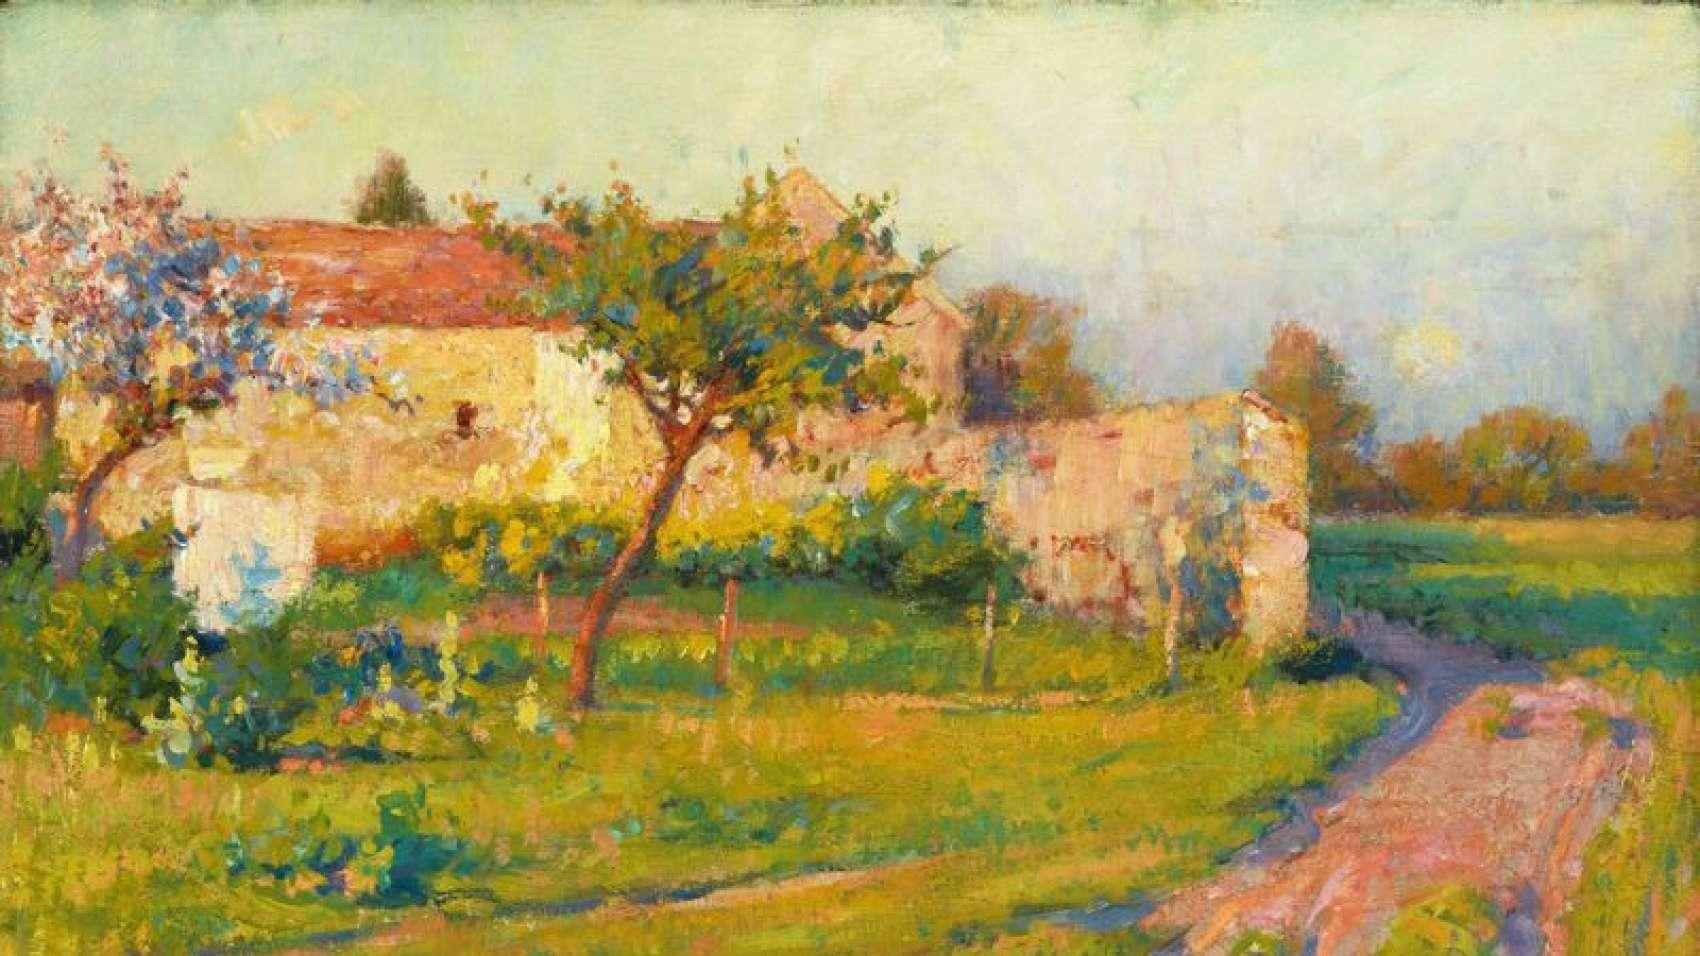 Painting Robert William Vonnoh